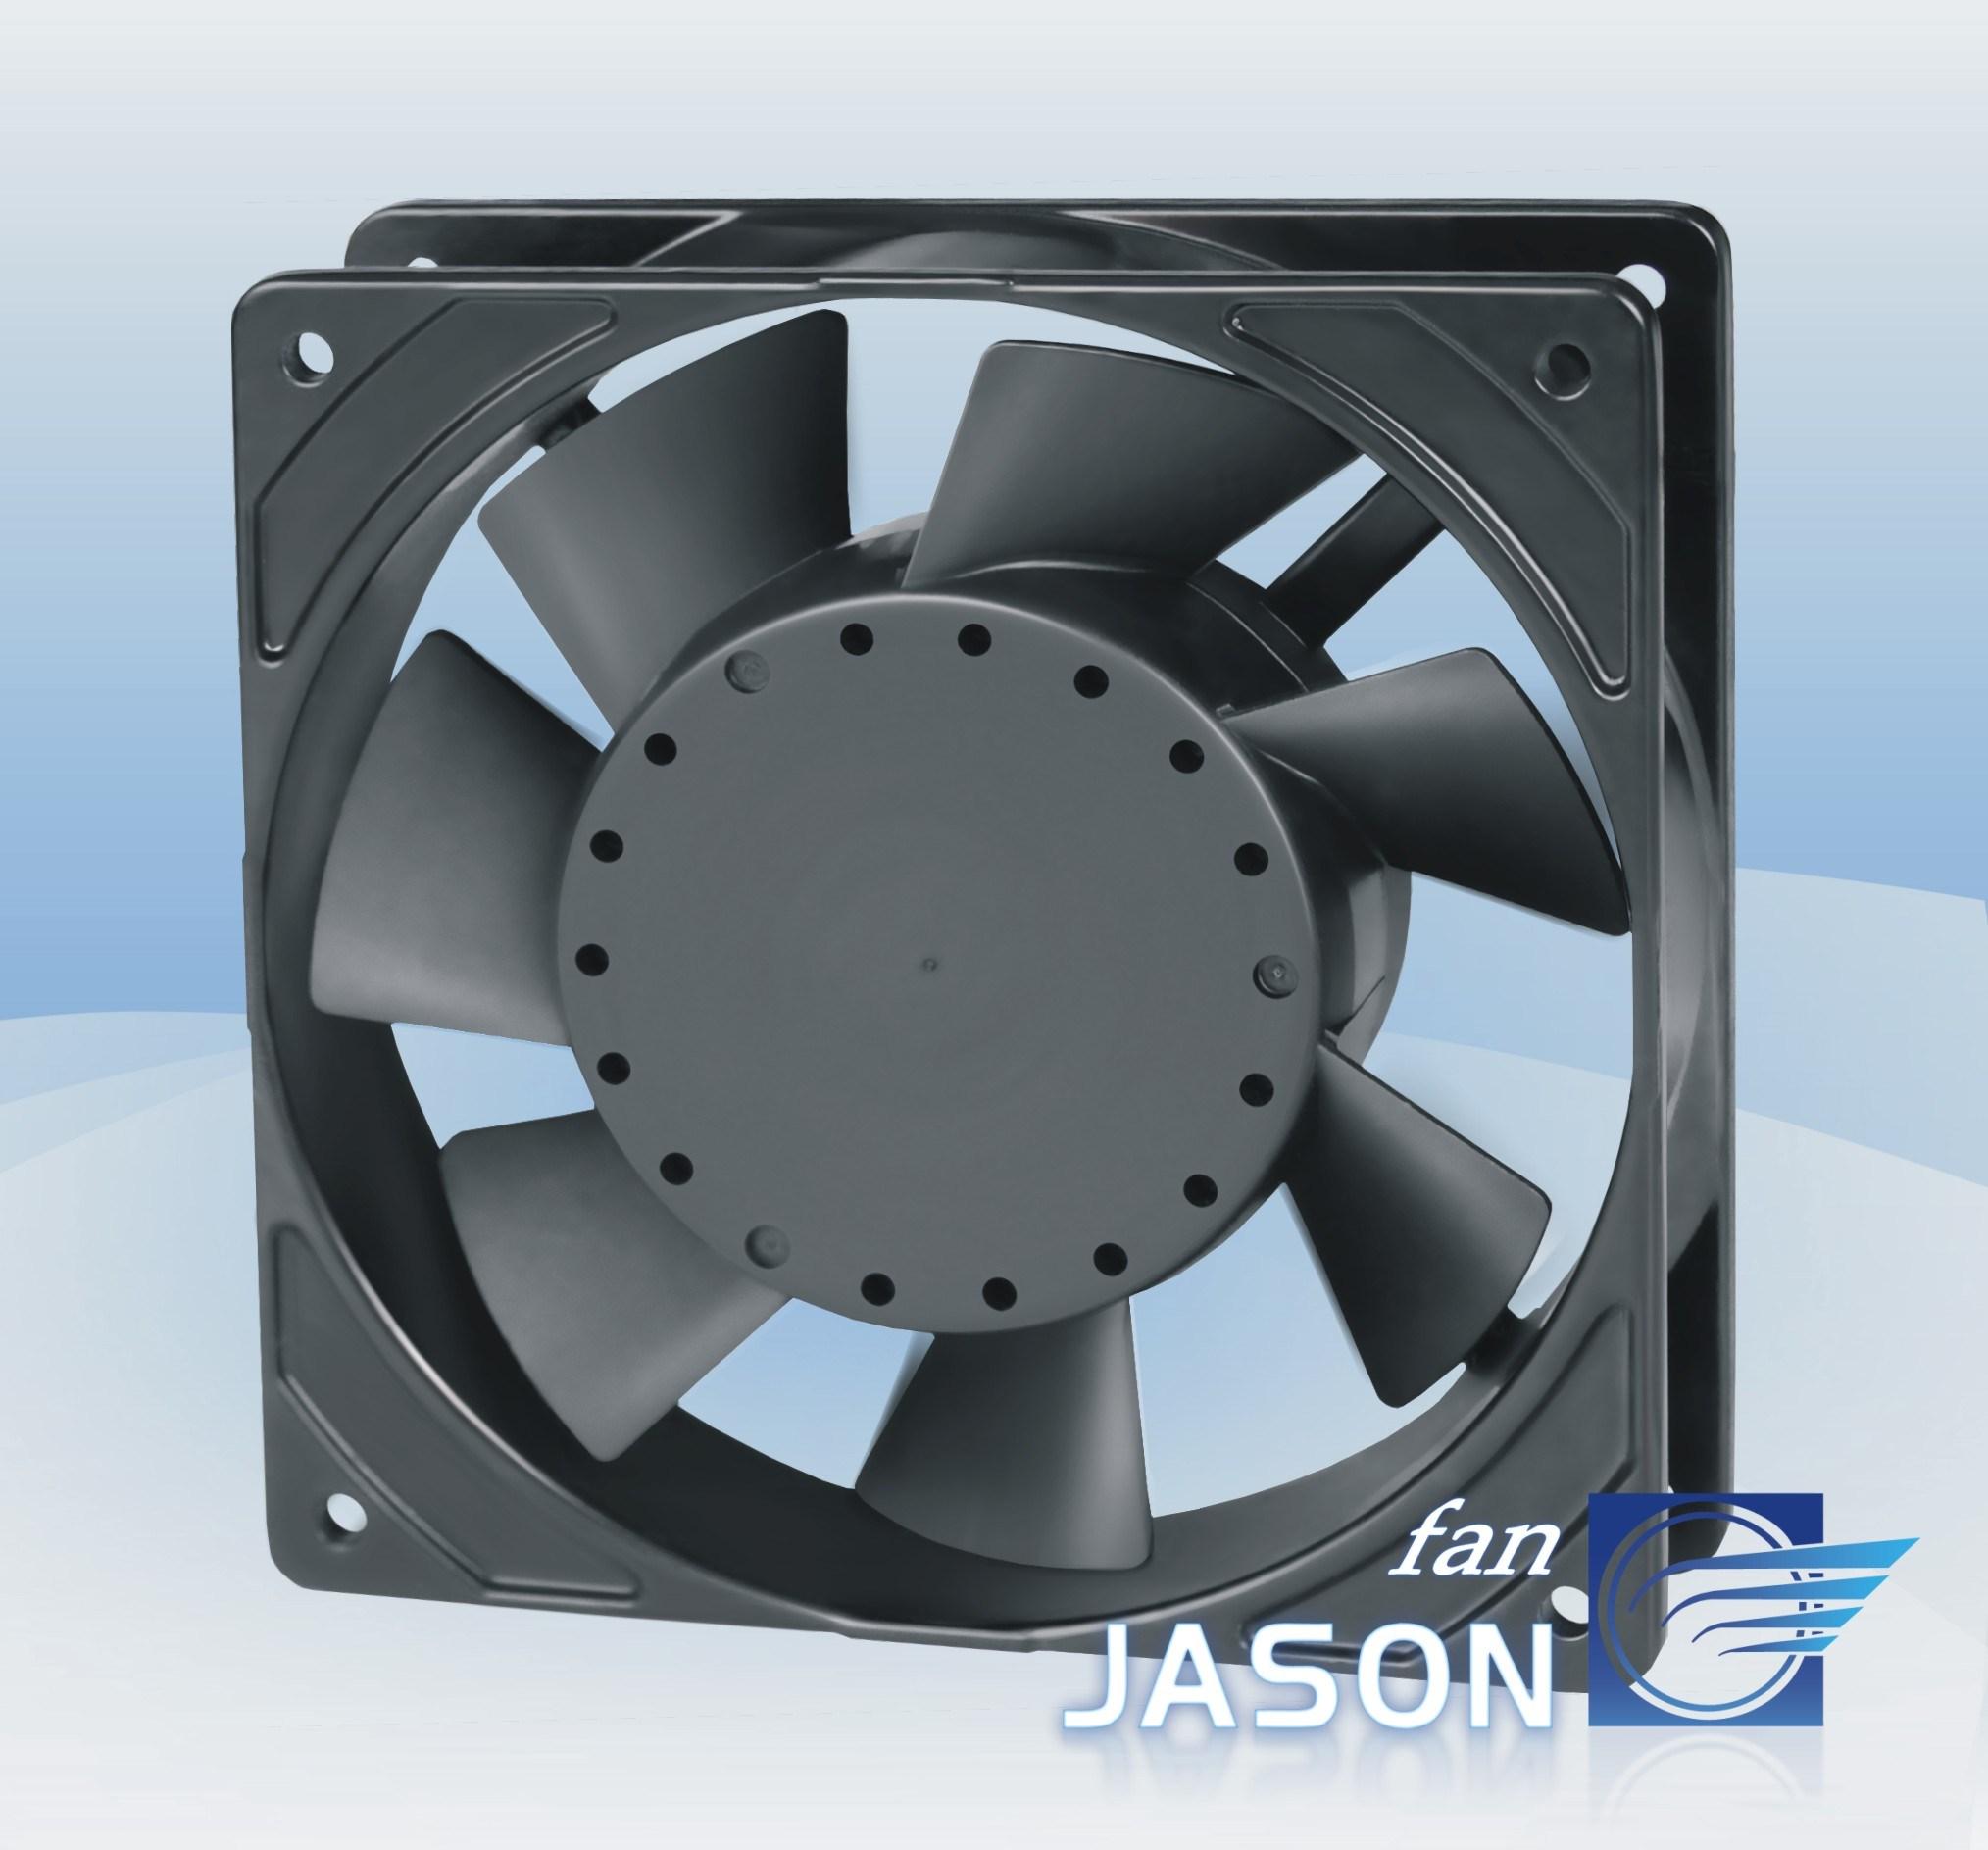 Axial Exhaust Fan : Mm stable performance axial exhaust fan fj